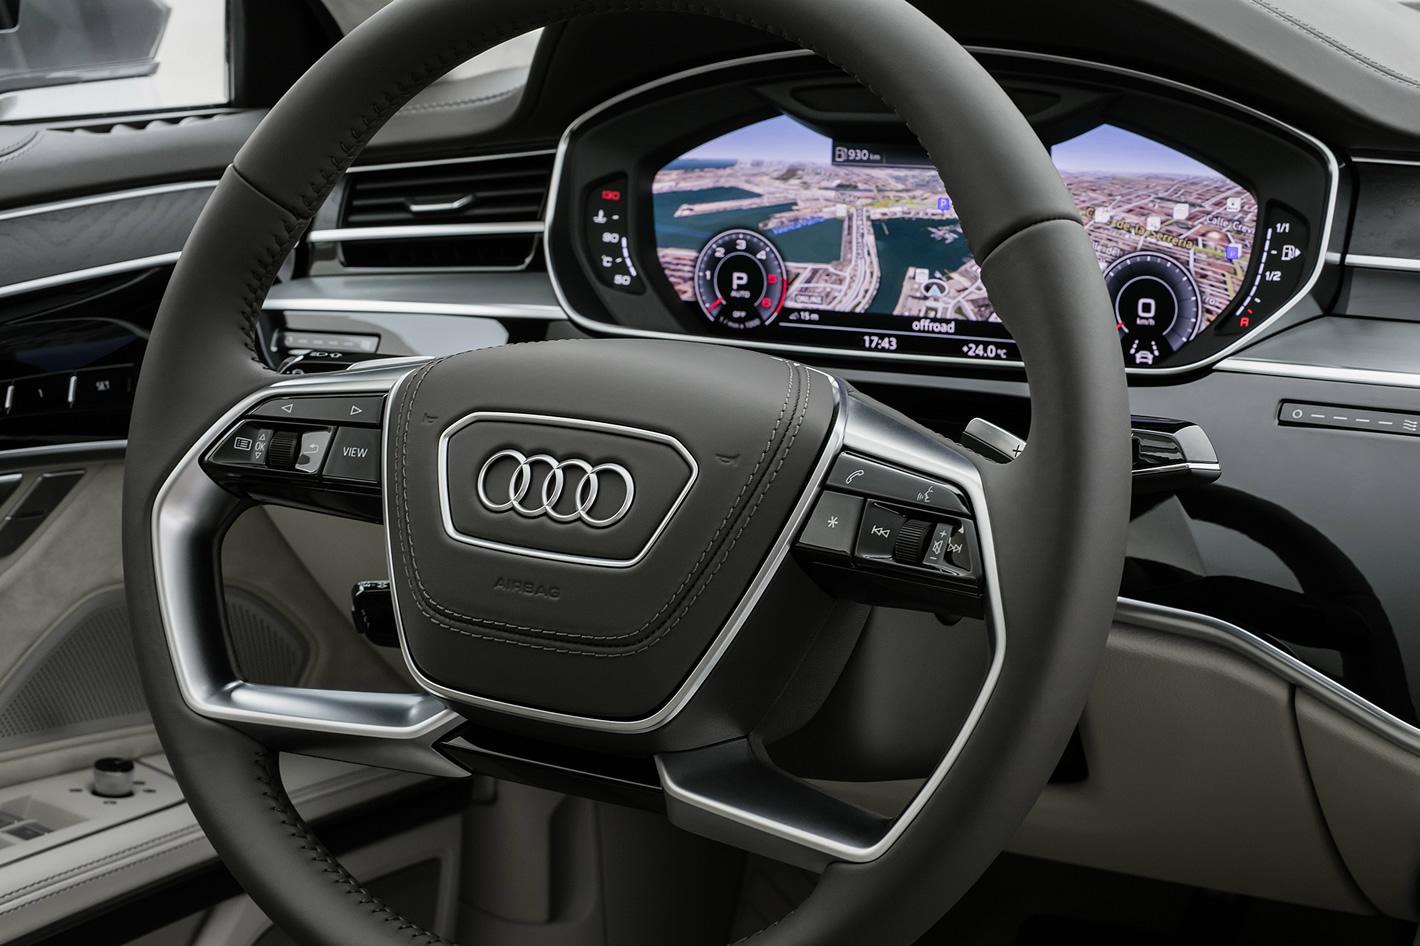 Kierownica nowego Audi A8